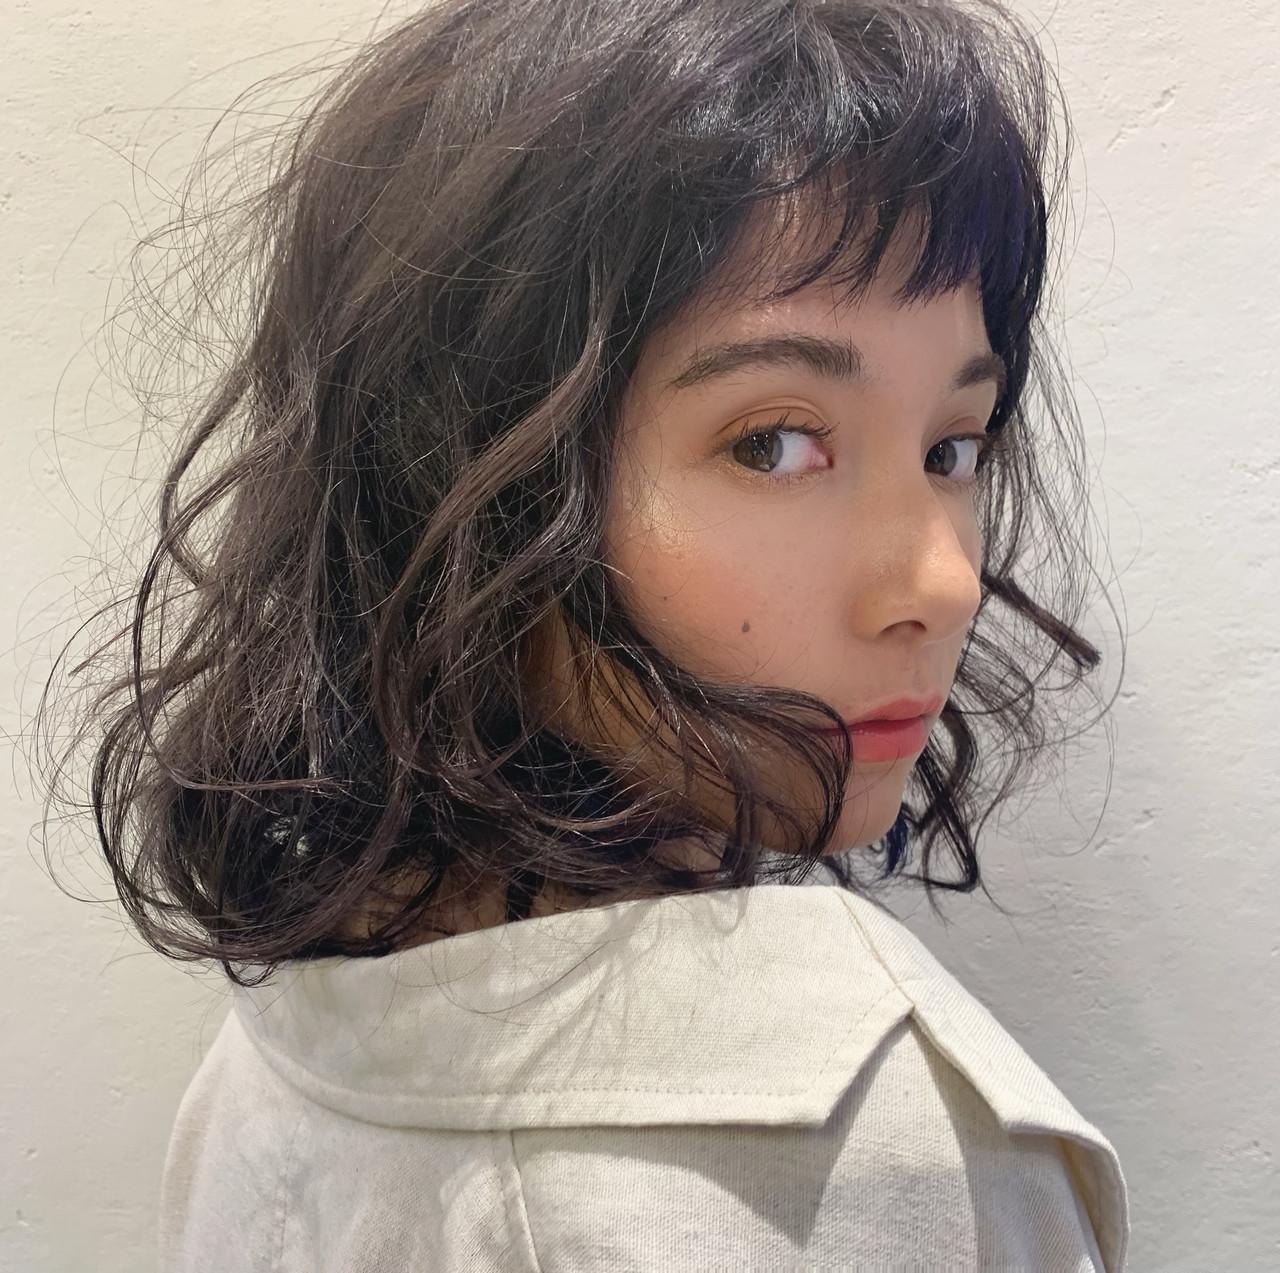 スパイラルパーマ パーマ ボブ ゆるふわパーマ ヘアスタイルや髪型の写真・画像